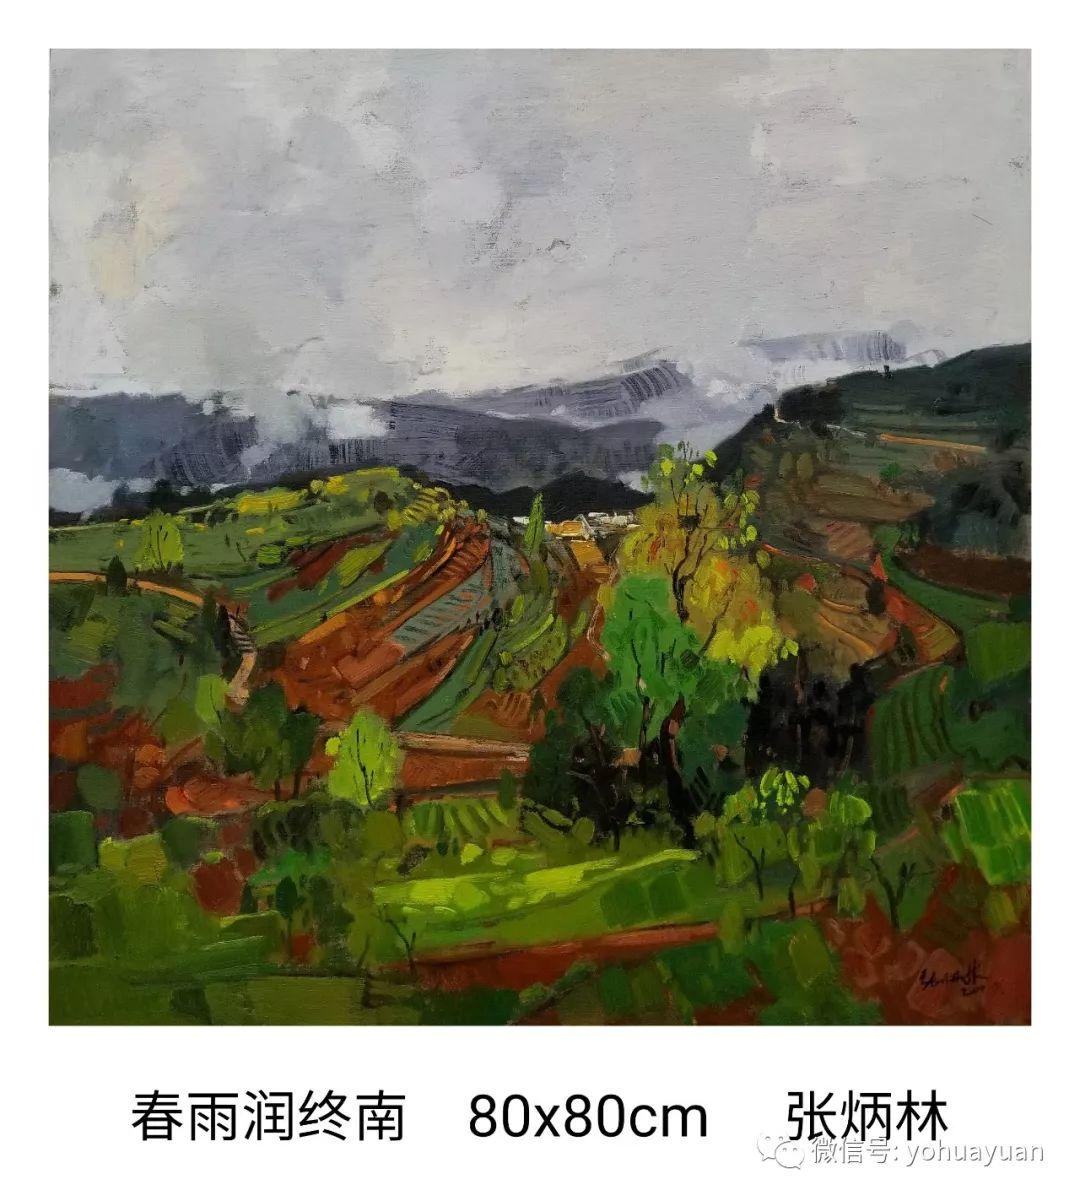 油画作品拍卖(内蒙古草原写生) 第47张 油画作品拍卖(内蒙古草原写生) 蒙古画廊